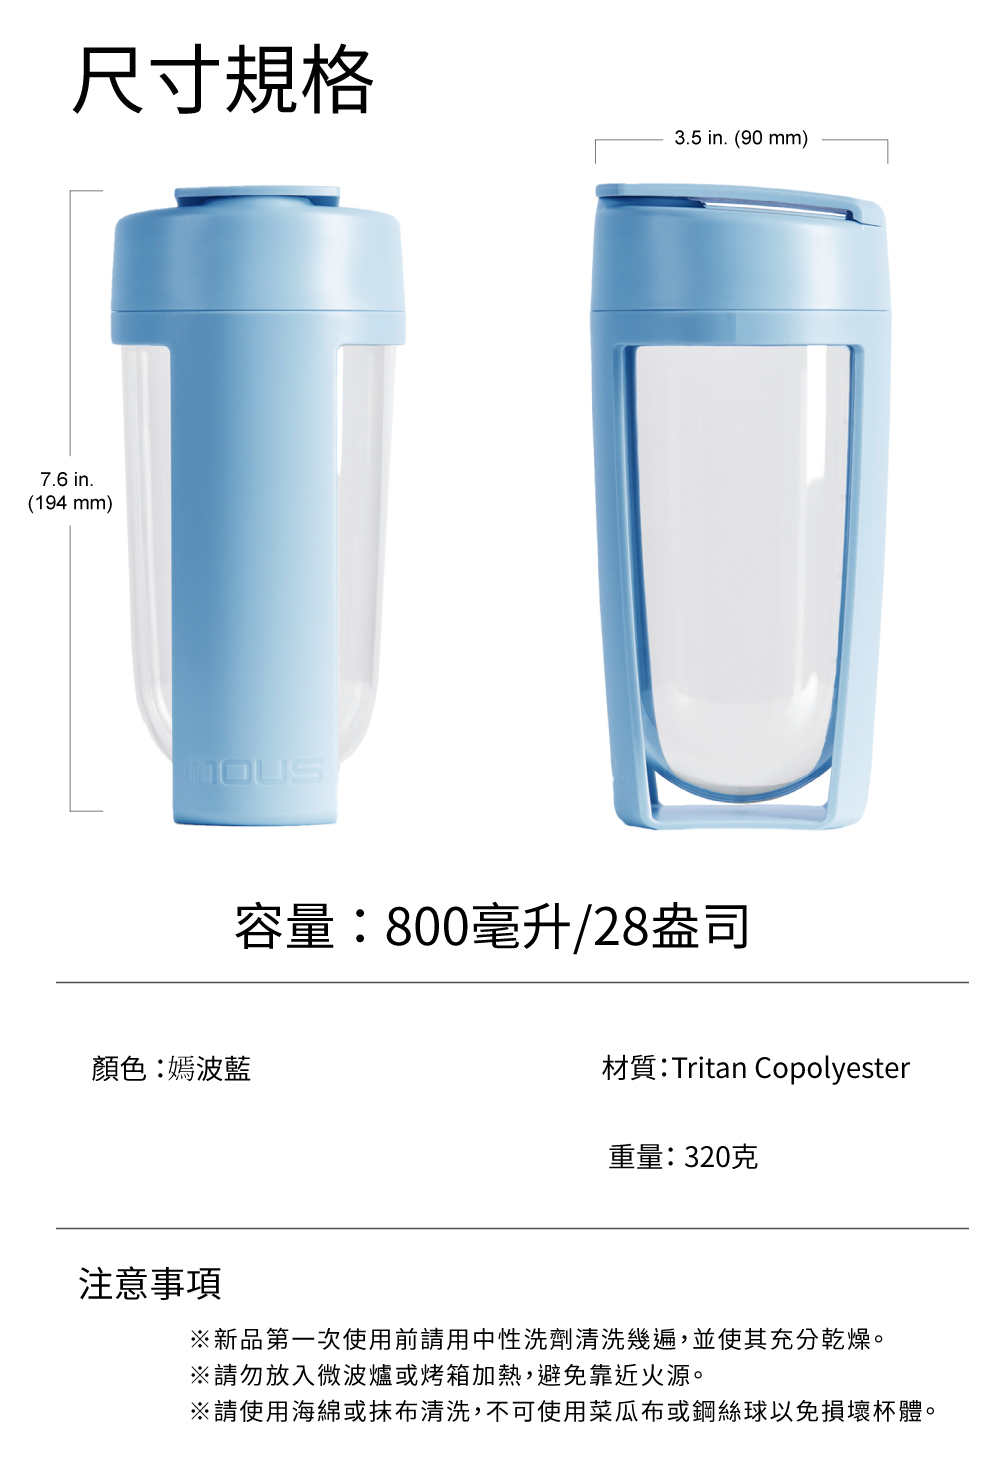 嫣波藍色MOUS FITNESS BOTTLE運動健身搖搖杯的尺寸規格194mmX90mmX90mm,容量800ml